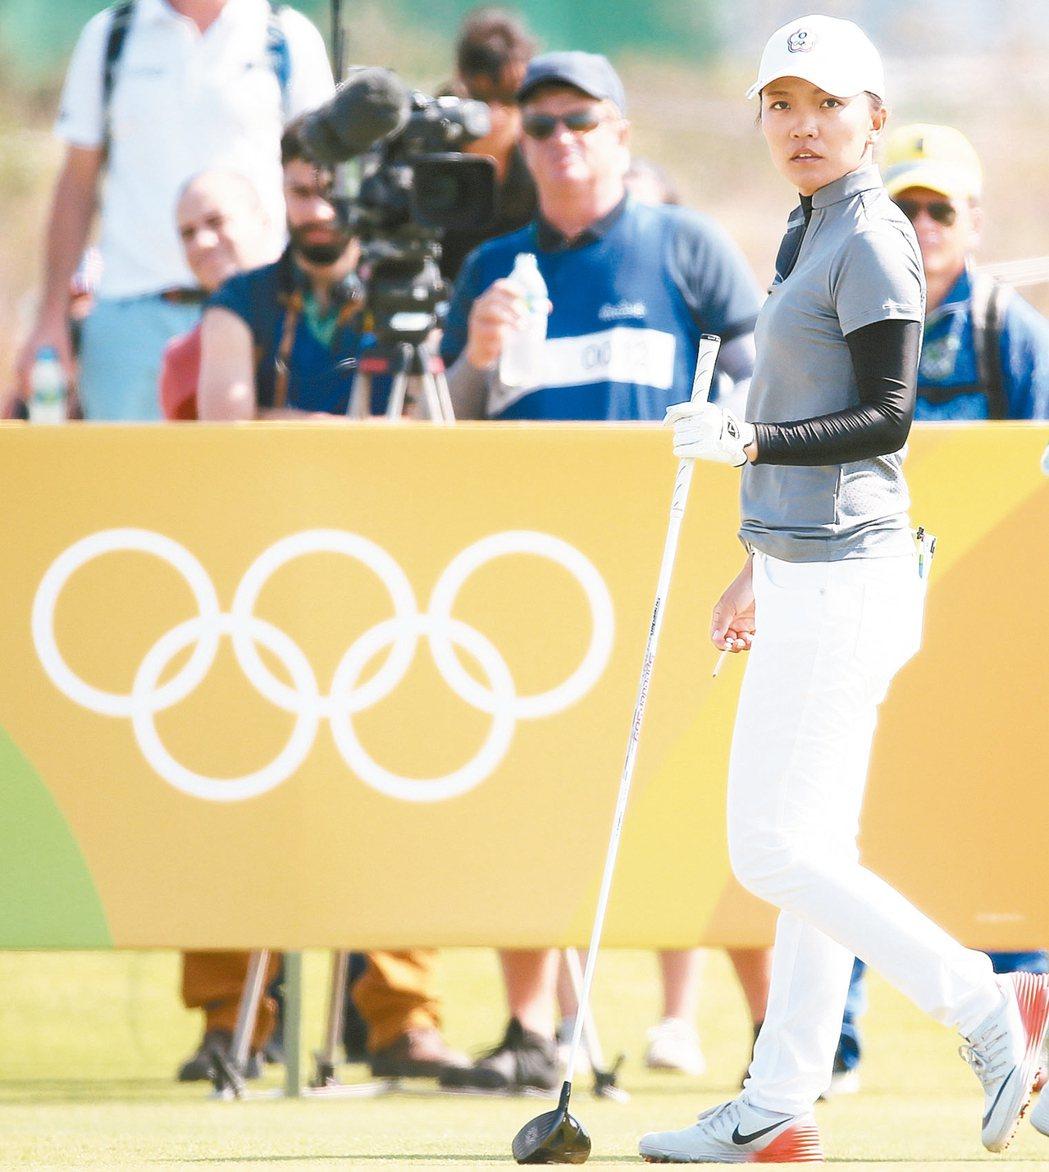 里約奧運女子高球賽,盧曉晴在第二輪表現不錯。 特派記者陳正興/攝影